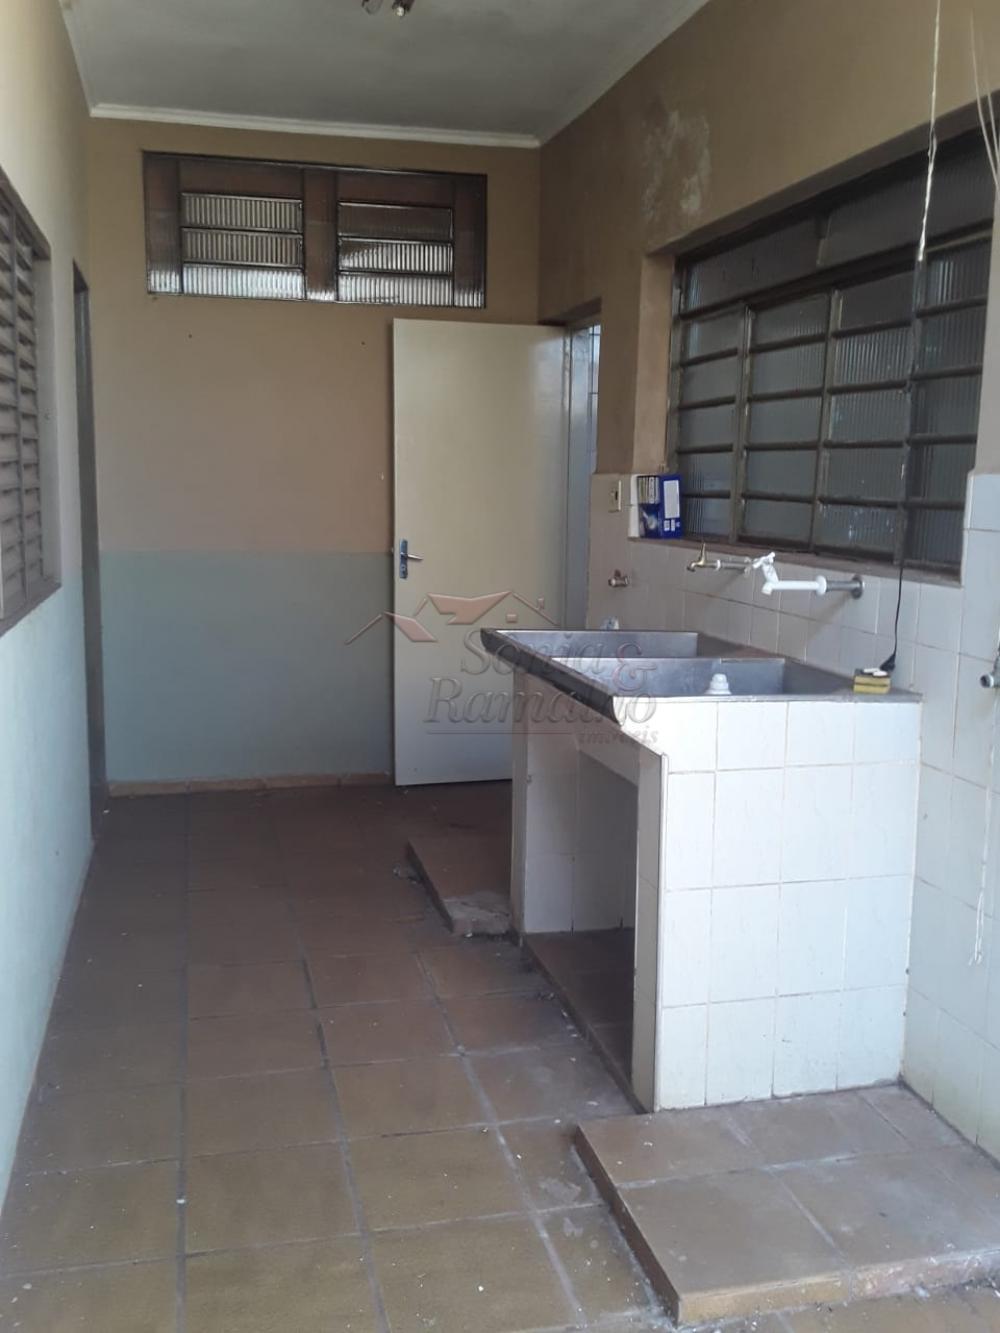 Alugar Casas / Padrão em Ribeirão Preto apenas R$ 1.200,00 - Foto 27